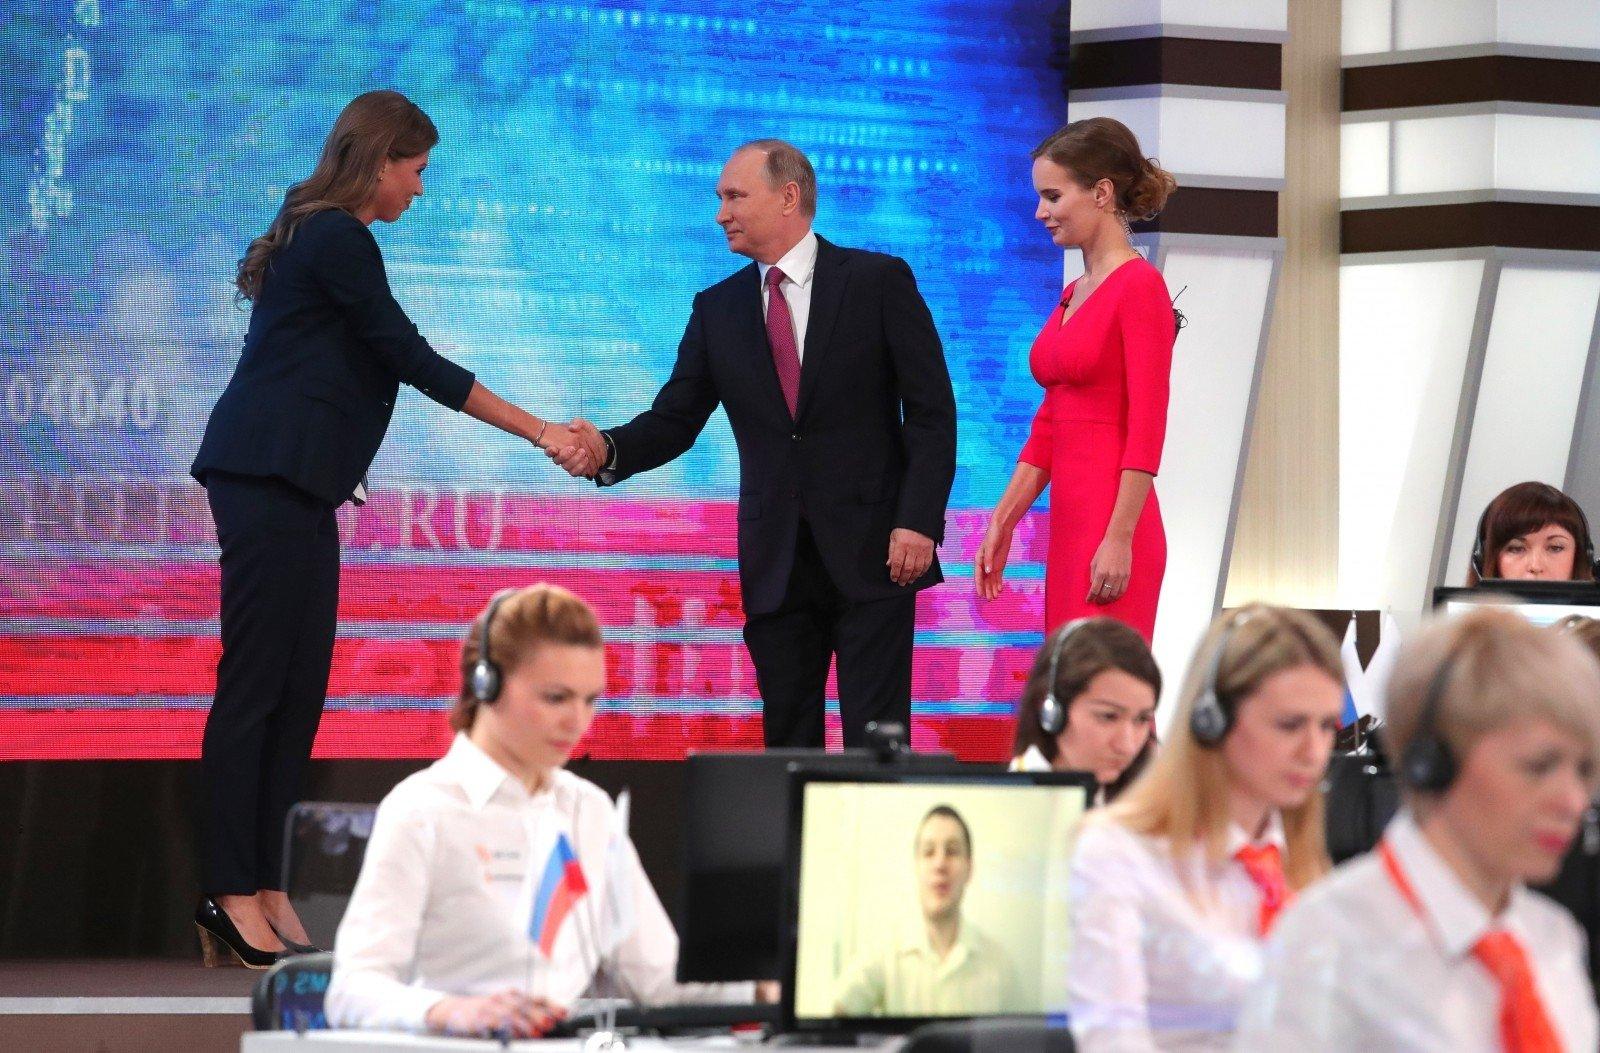 Путин связал протестные акции вгосударстве ссаморекламой